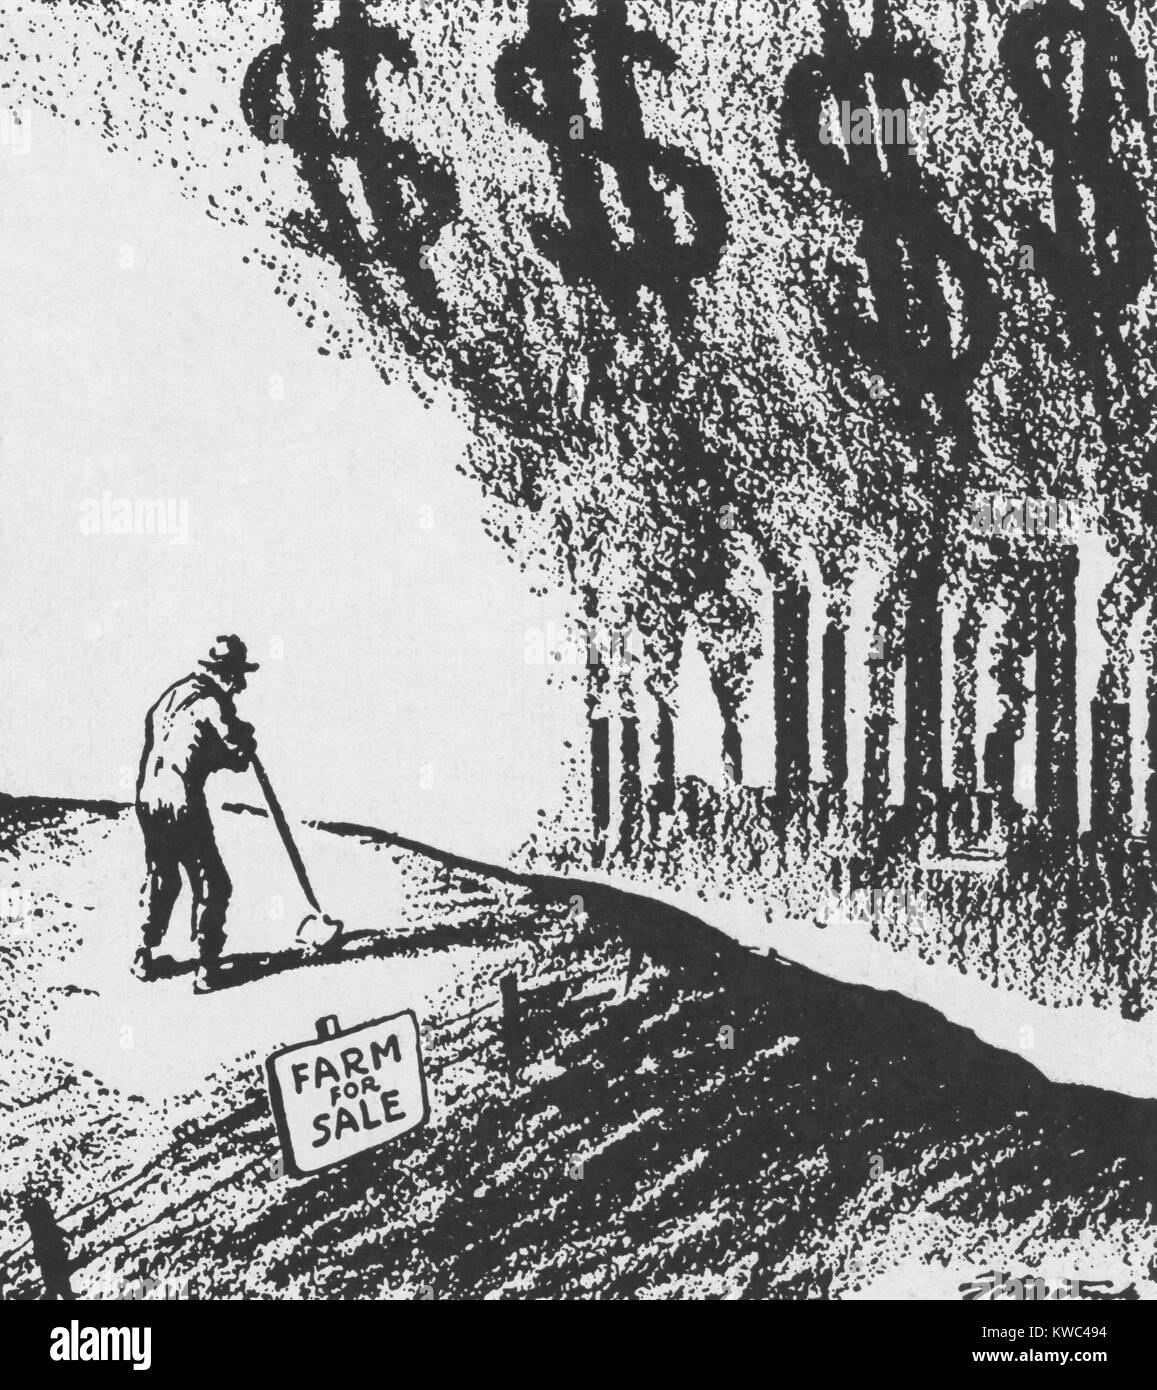 La agricultura de la depresión de la década de 1920 siguió el auge de la guerra mundial 1. Durante Imagen De Stock